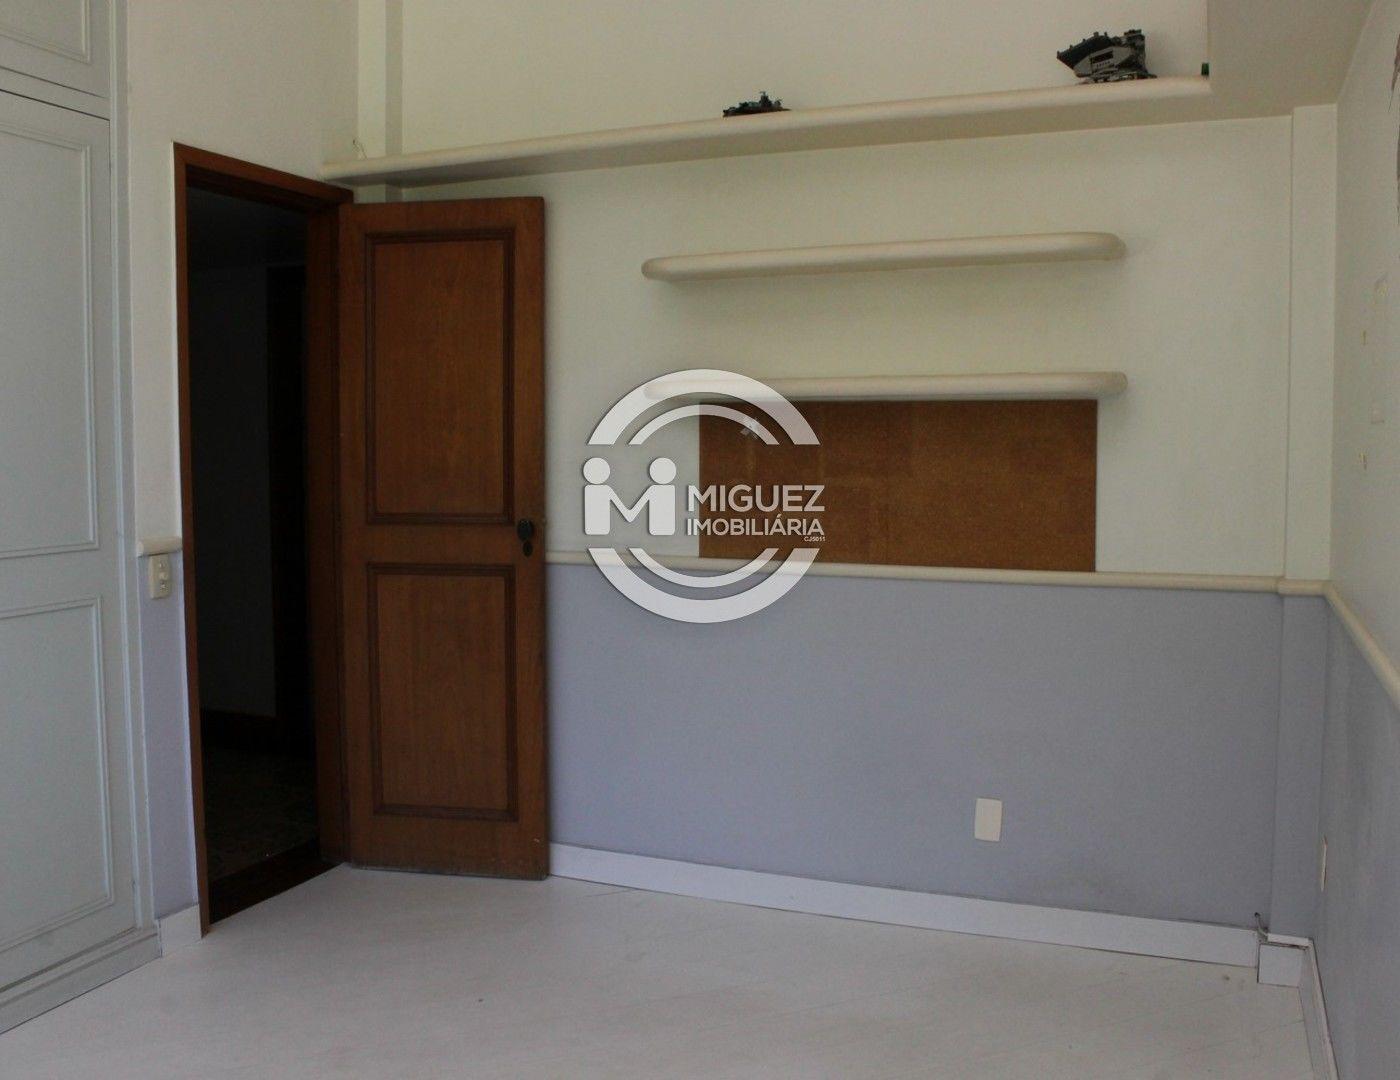 Apartamento, aluguel, Avenida Edson Passos - Tijuca , Rio de janeiro